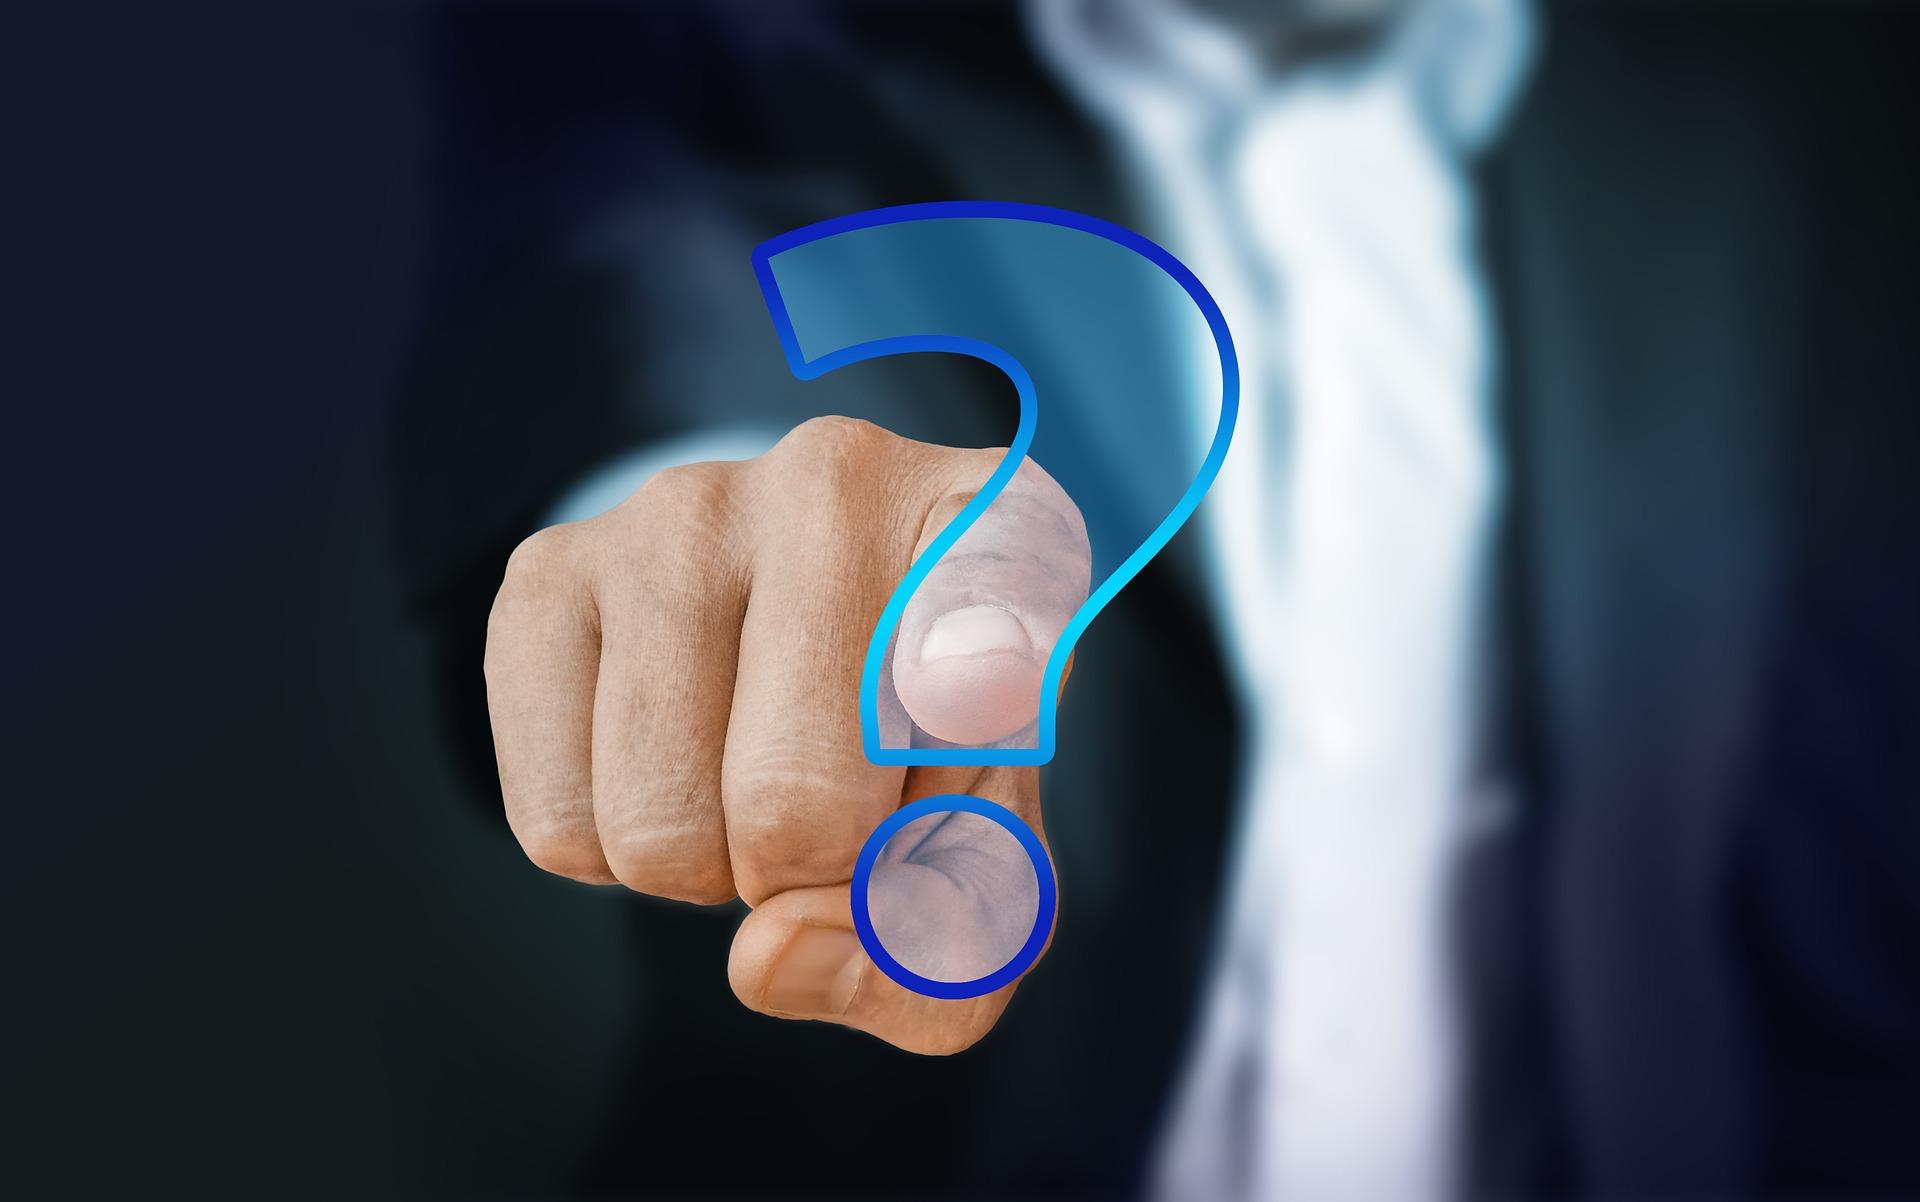 Аккредитация филиала, аккредитация представительства. Часто задаваемые вопросы. Часть 3